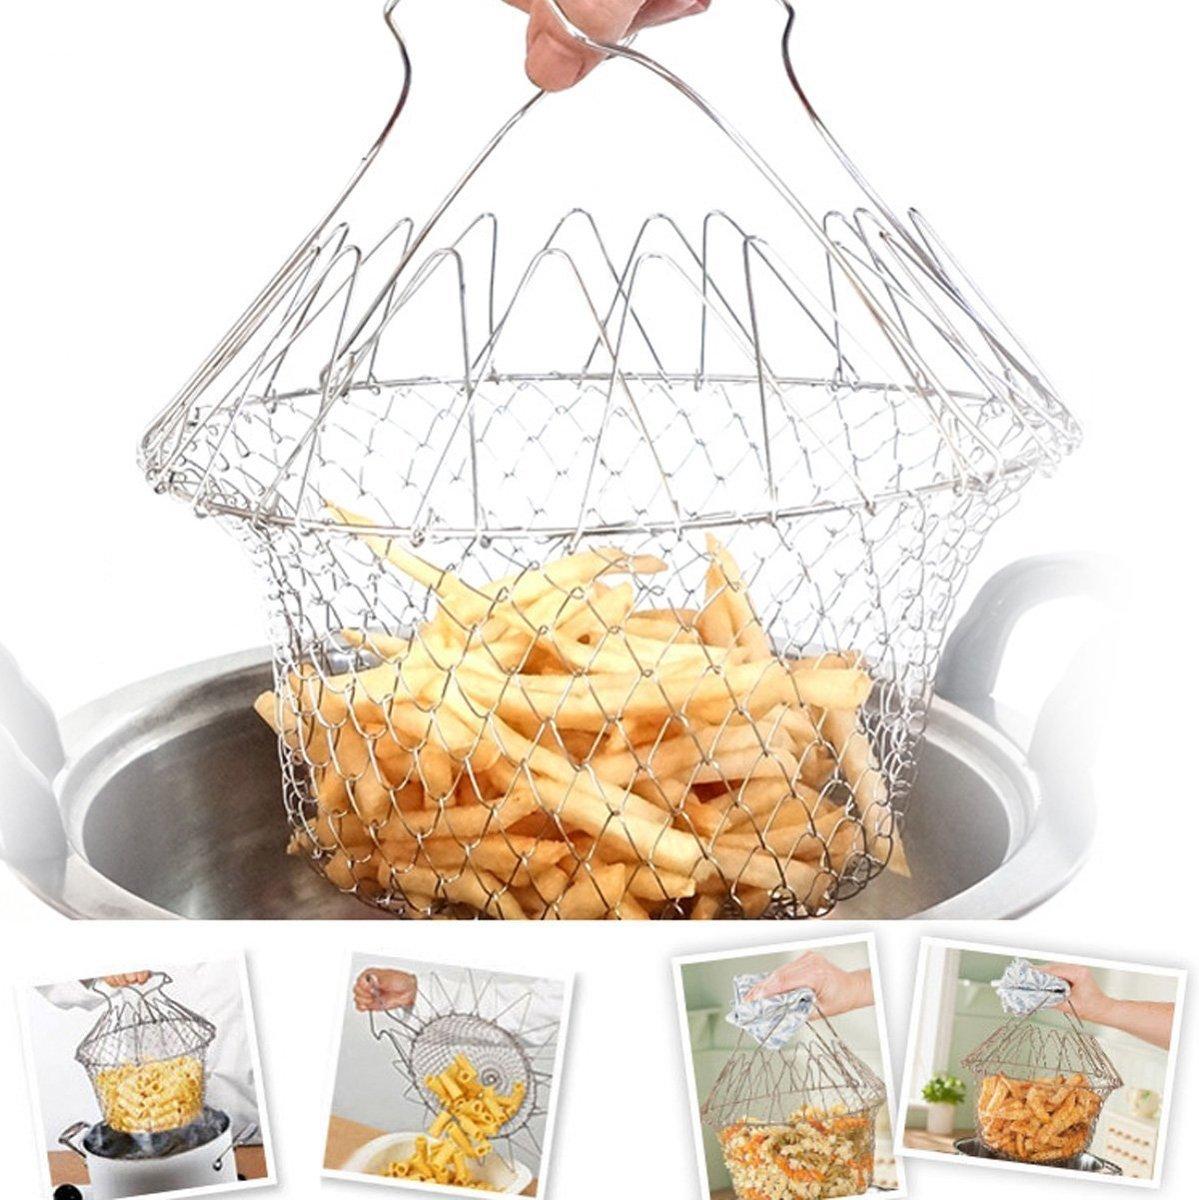 Magic Chef Basket Stoom Mandje  | 12 in 1 keuken accessoire | Opvouwbaar Kook Mandje RVS | Stoommandje Groente Stomer kopen